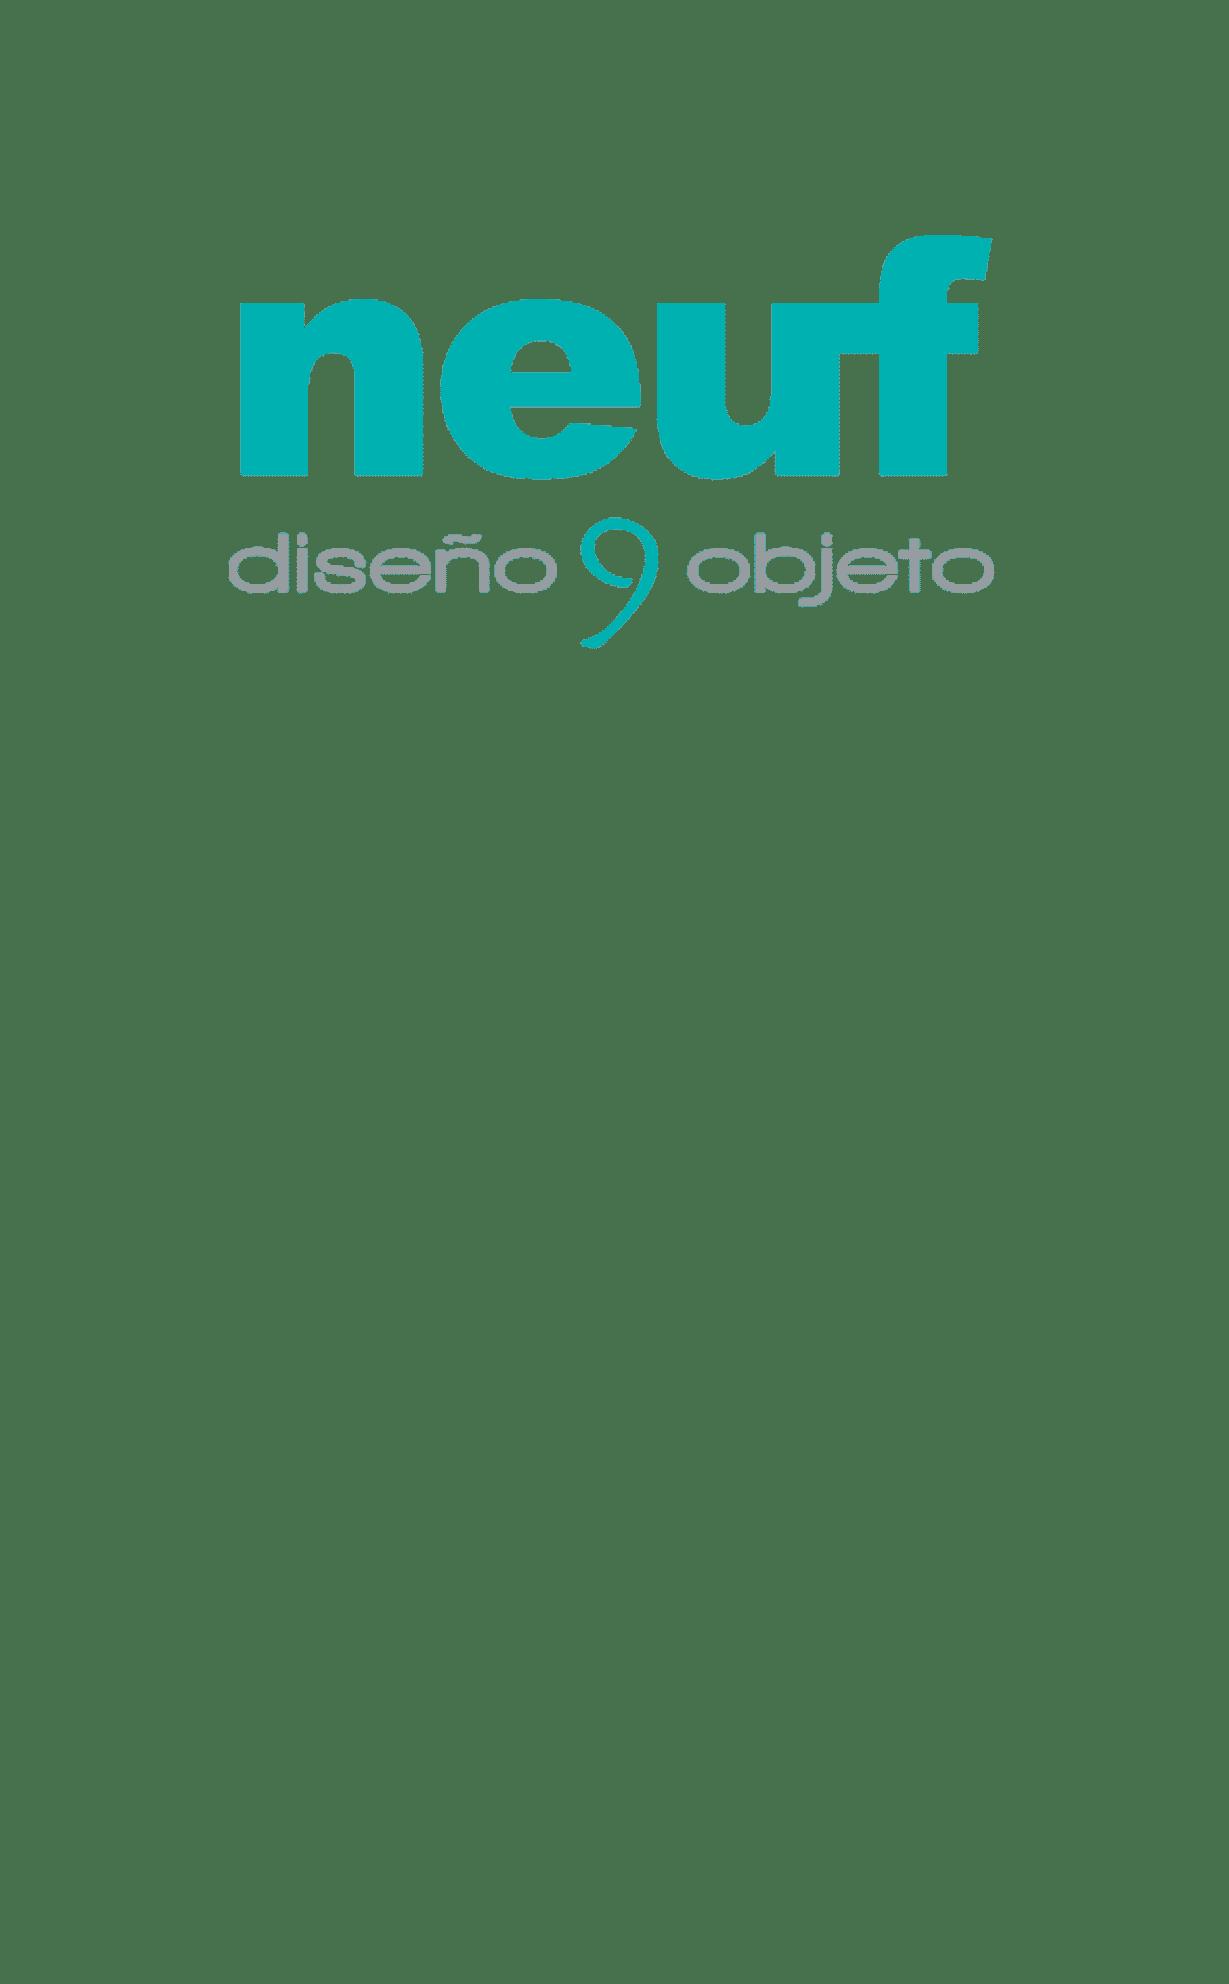 Grigio_ww_neuf_logo